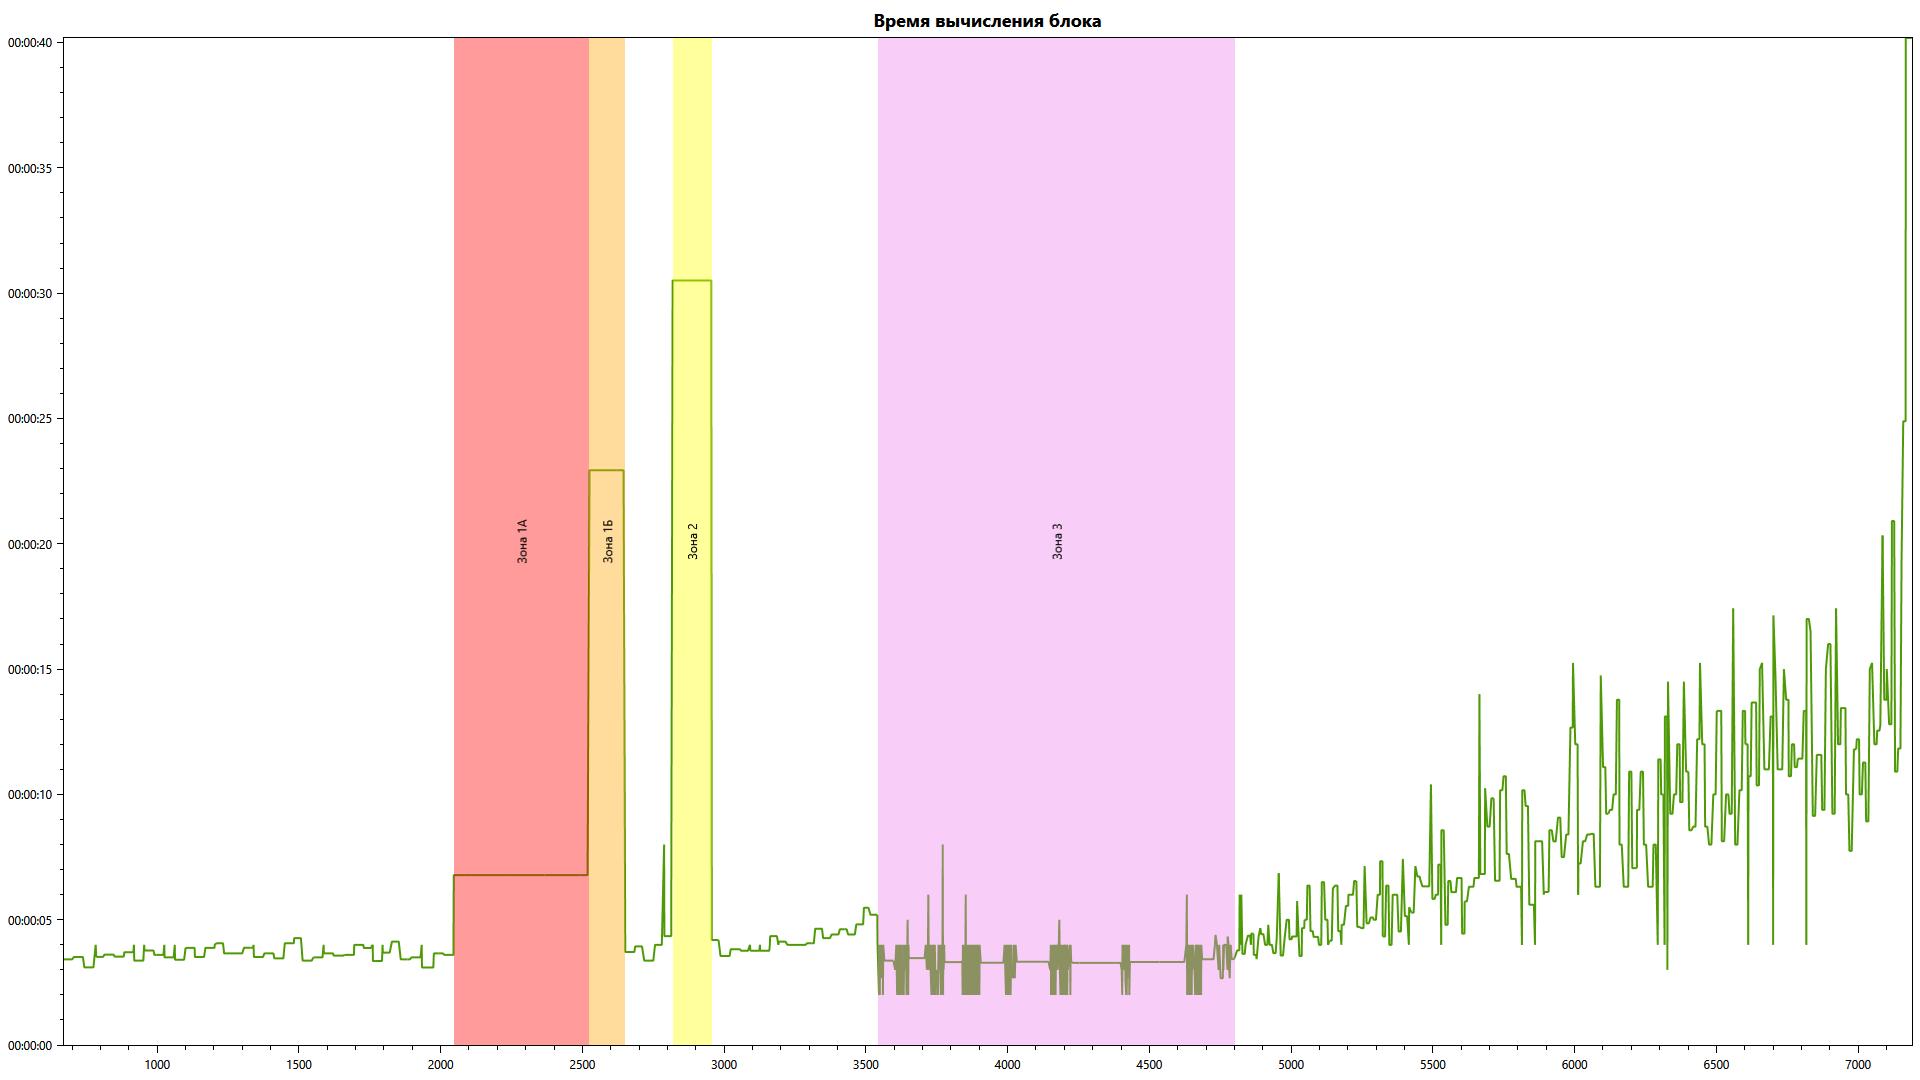 Анализ данных блокчейн-голосования 2019 года в Московскую Городскую Думу - 1